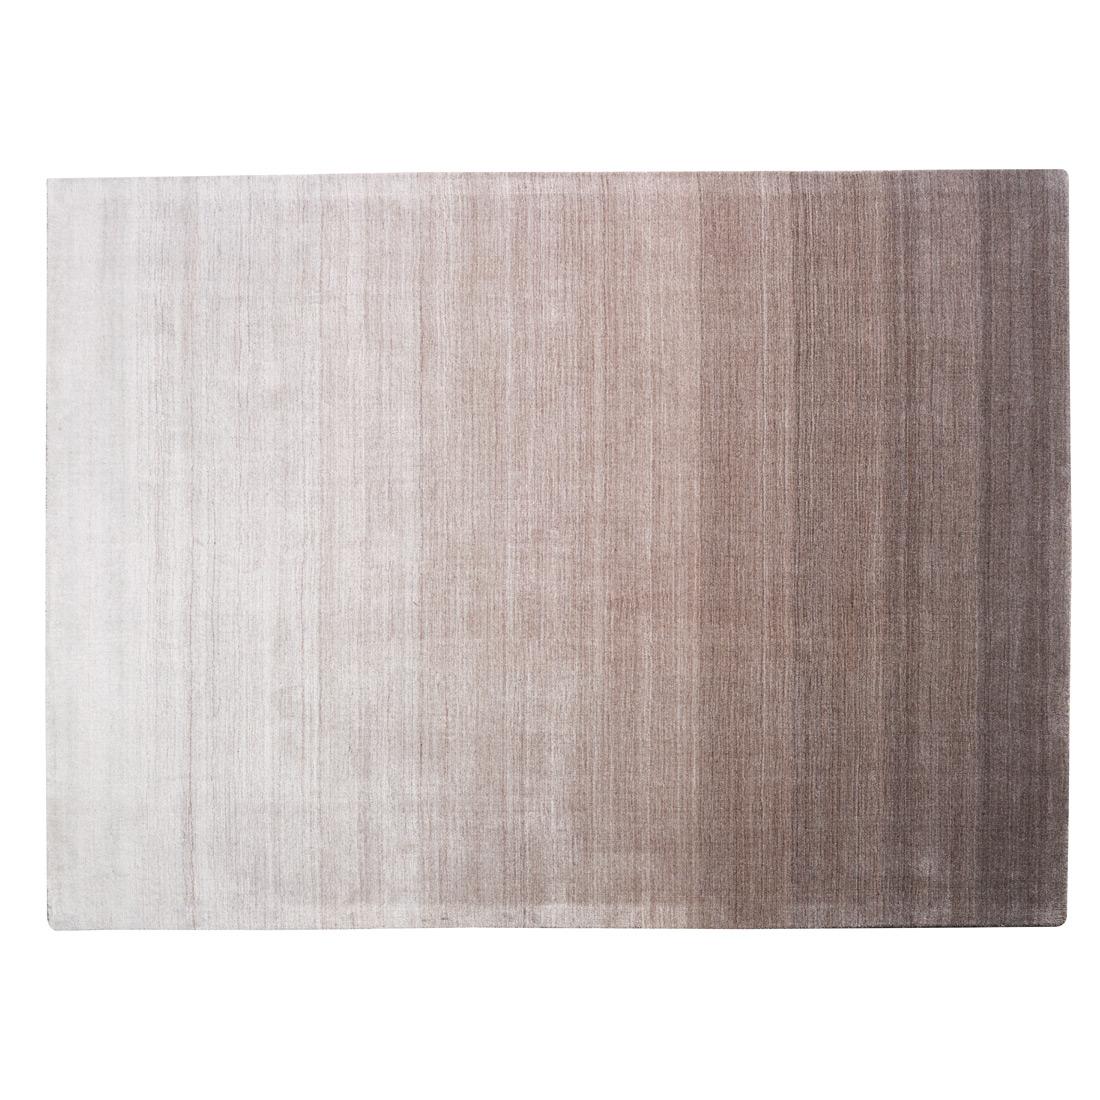 Vloerkleed Xilento Admire Beige | 240 x 340 cm